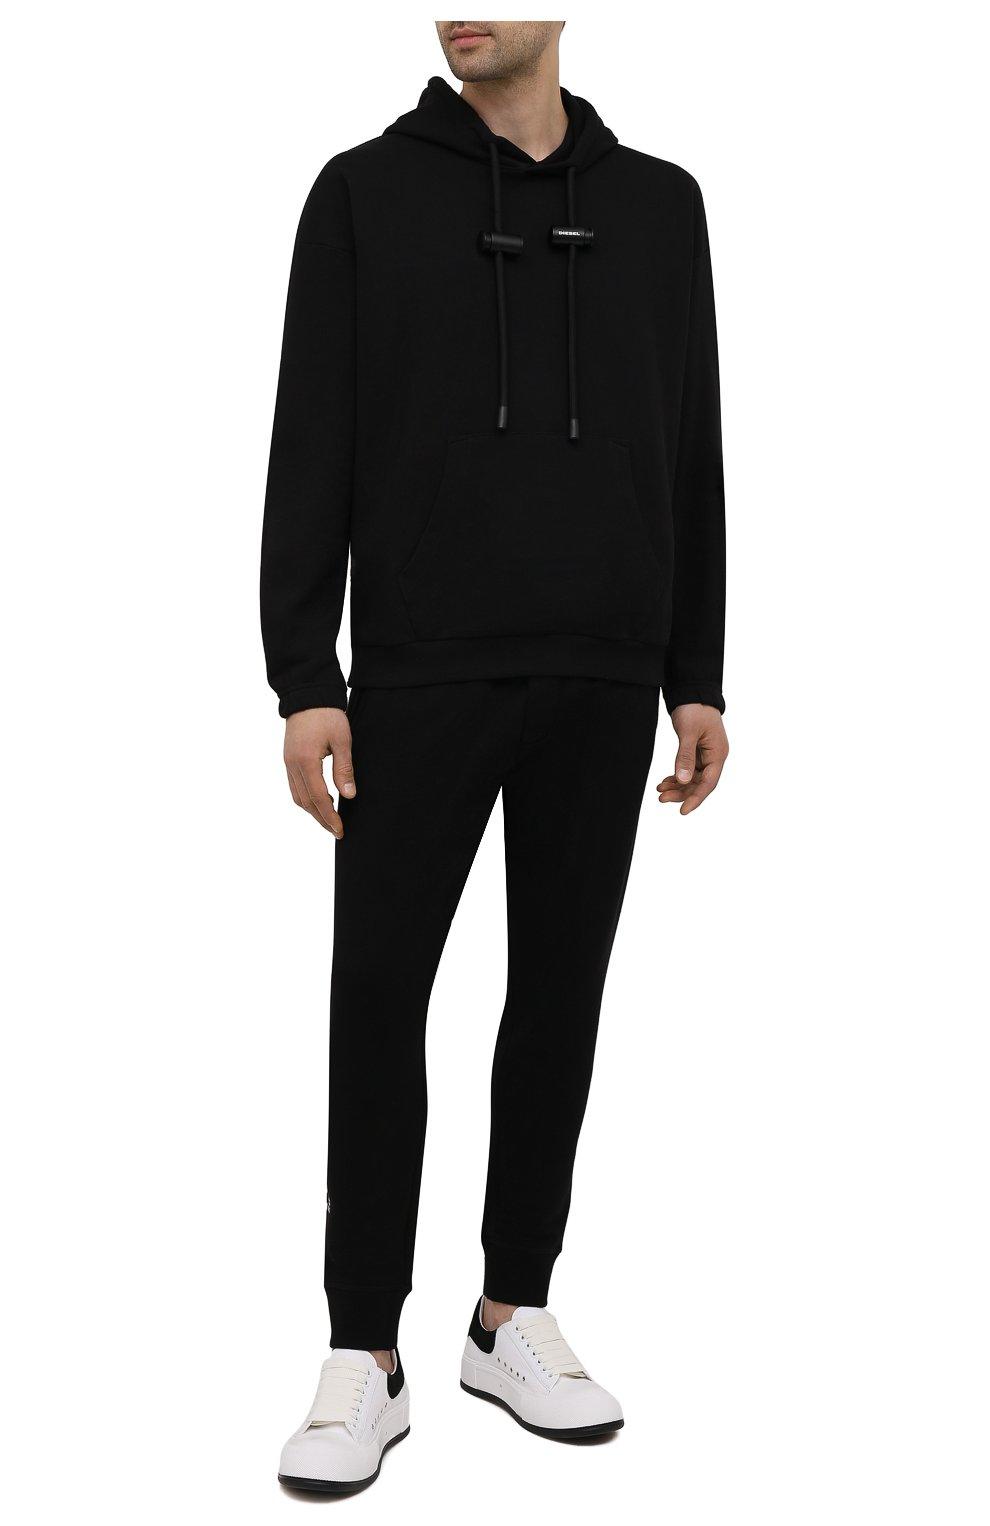 Мужские хлопковые джоггеры DSQUARED2 черного цвета, арт. S79KA0020/S25042 | Фото 2 (Мужское Кросс-КТ: Брюки-трикотаж; Длина (брюки, джинсы): Стандартные; Кросс-КТ: Спорт; Материал внешний: Хлопок; Стили: Спорт-шик; Силуэт М (брюки): Джоггеры)